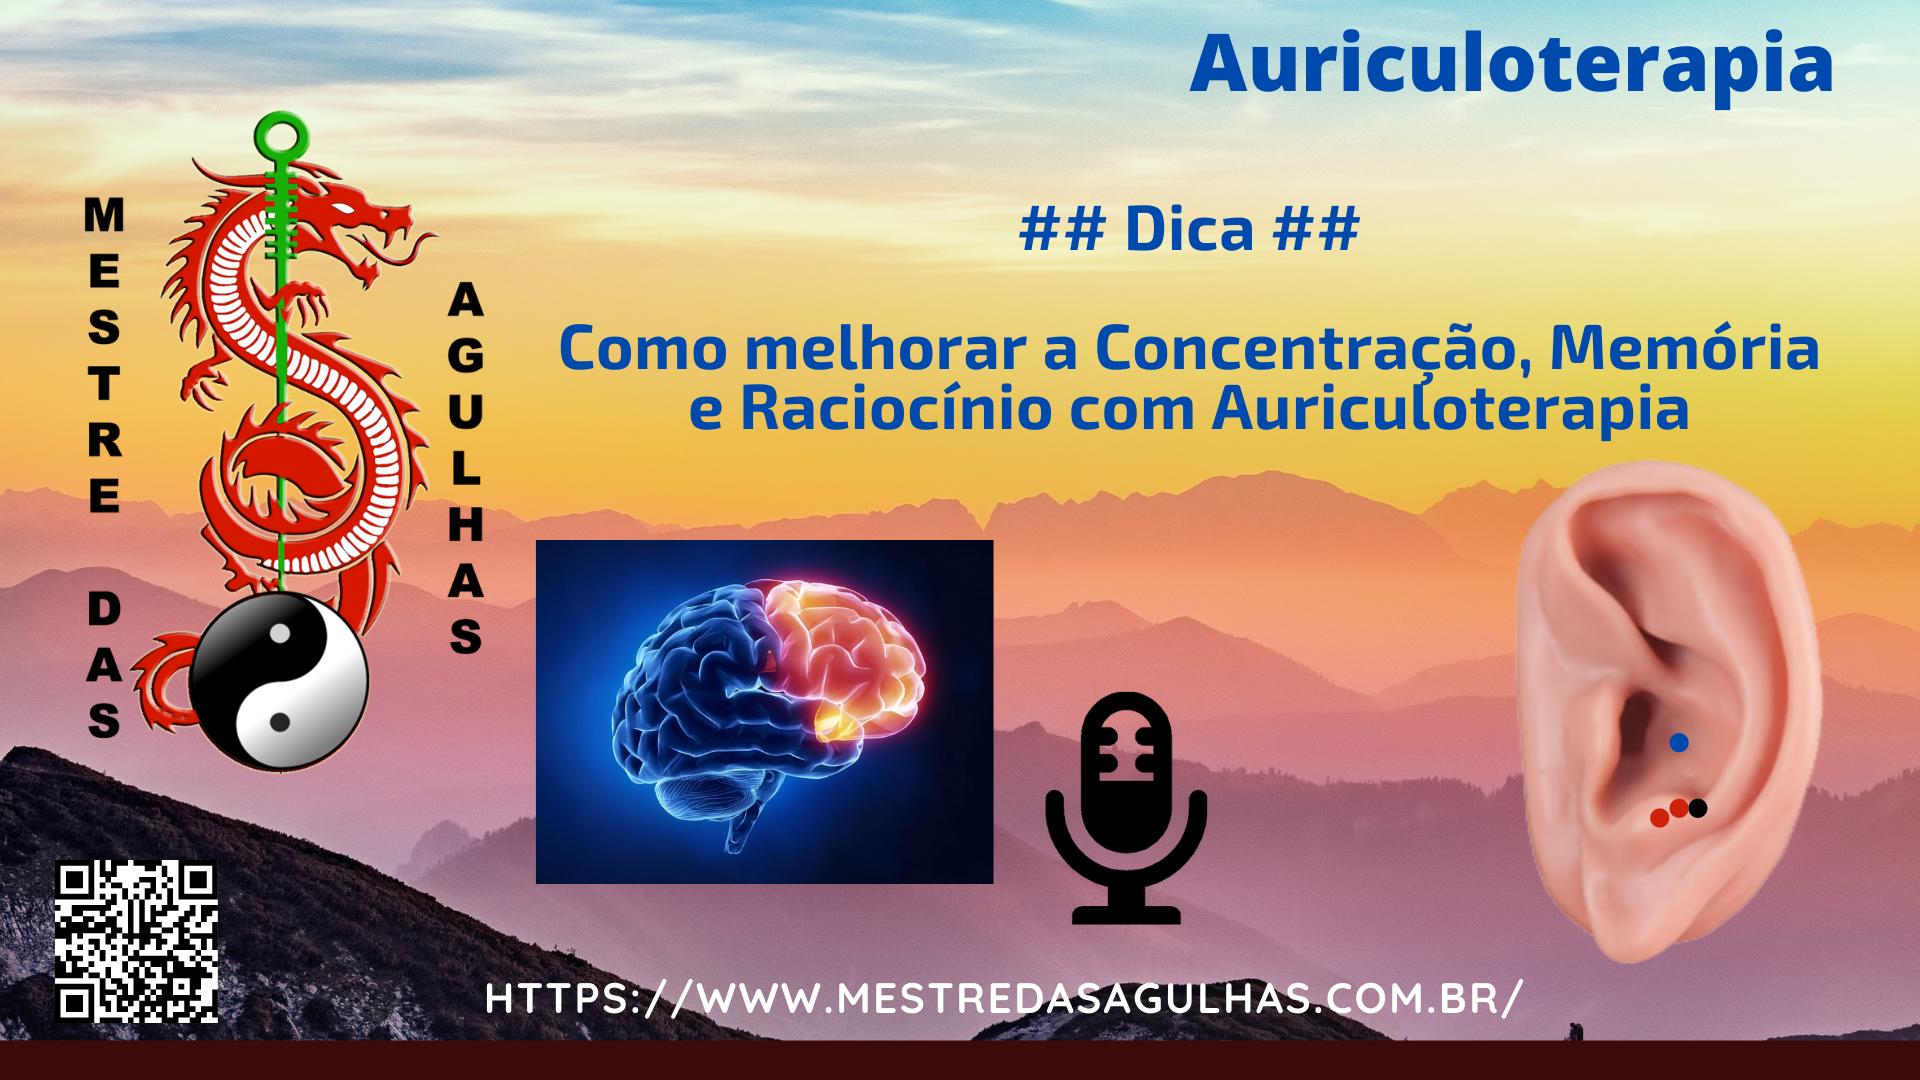 Auriculoterapia: Concentração e memória